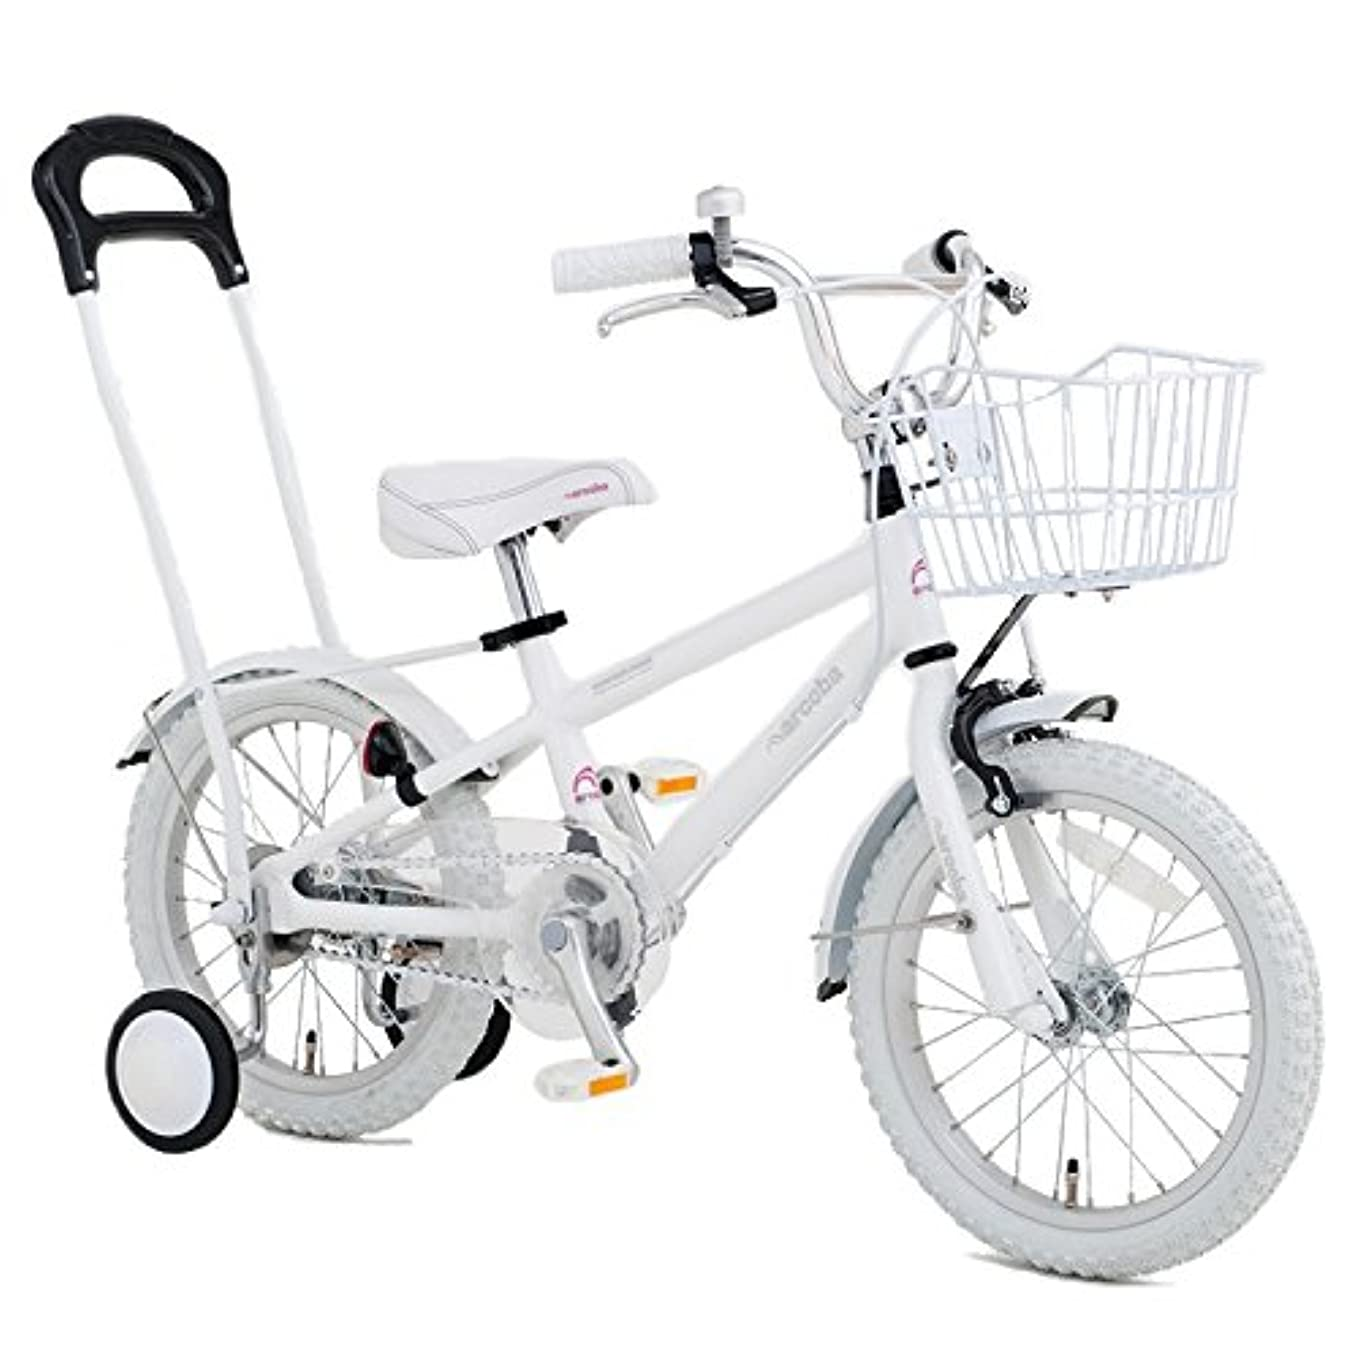 心配する鳴り響くによると【完全組立出荷】Arcoba 子ども用自転車 18インチ 軽量 arcoba フルオプション(4点サービスセット) 子供用自転車 アルミフレーム幼児車 アルコバ 子供用自転車  可愛い 子供 セール【】キッズ 入学祝い 小学校 女の子 入園祝い